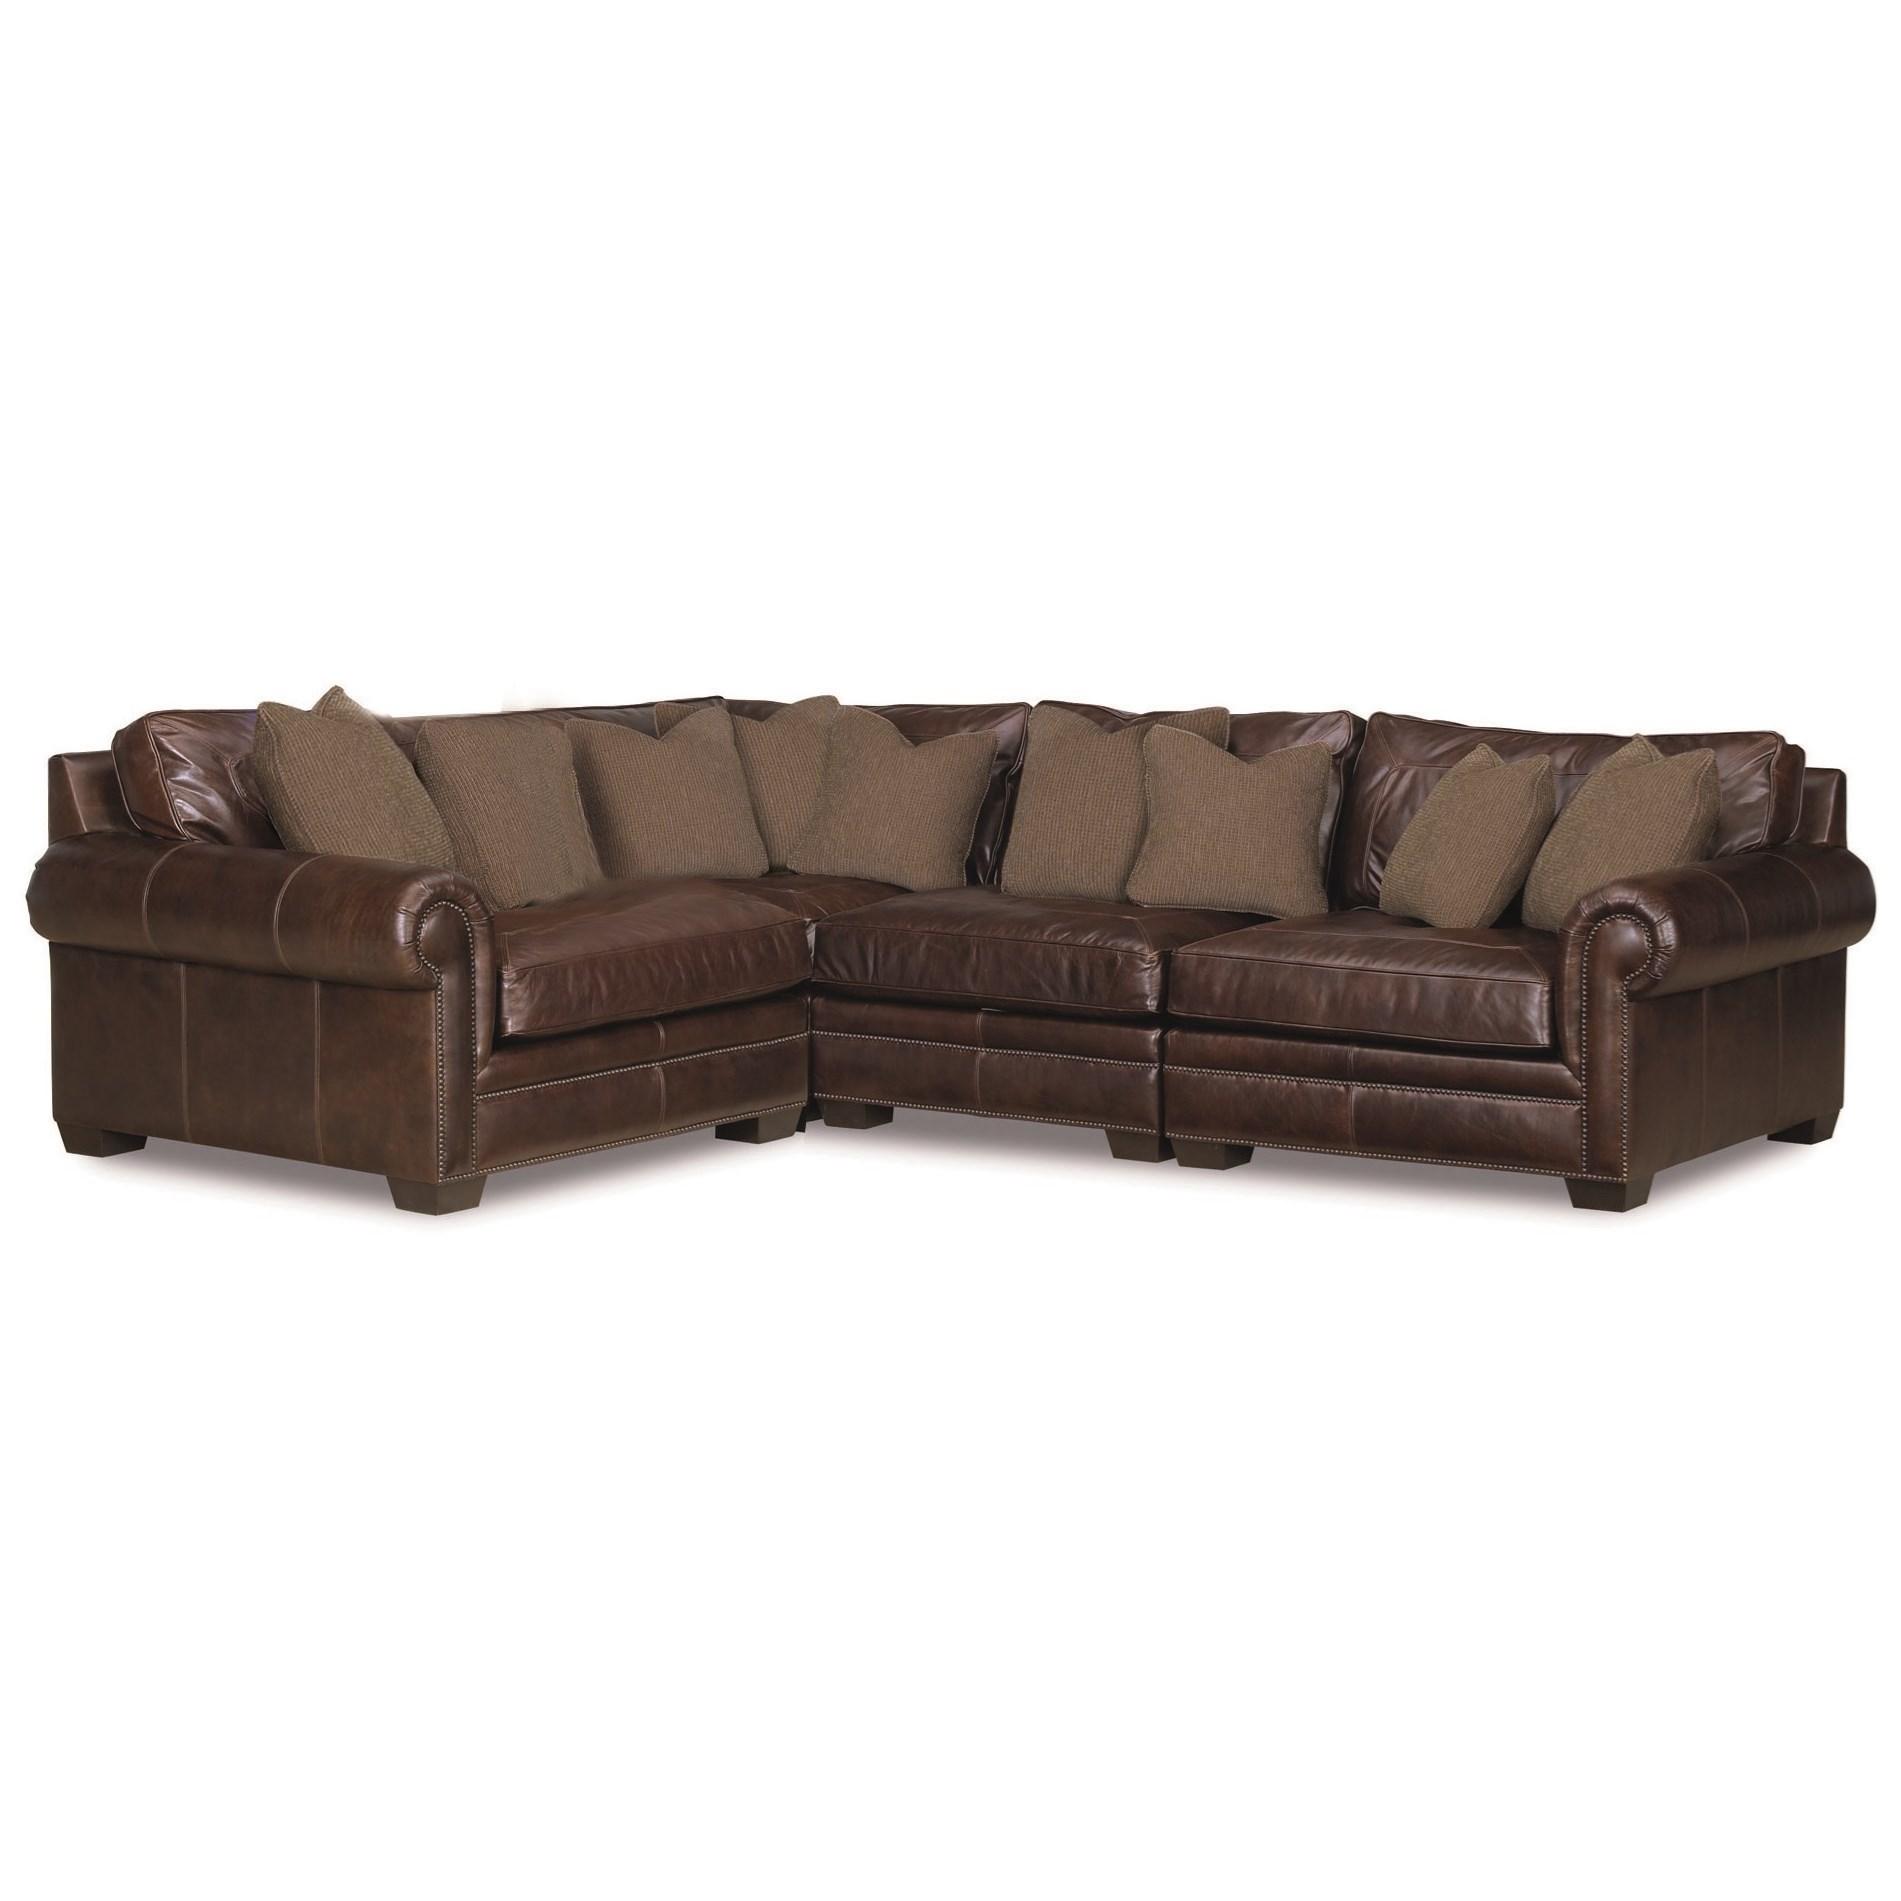 howell sofa plus nj bernhardt sofas signature seating s16512n